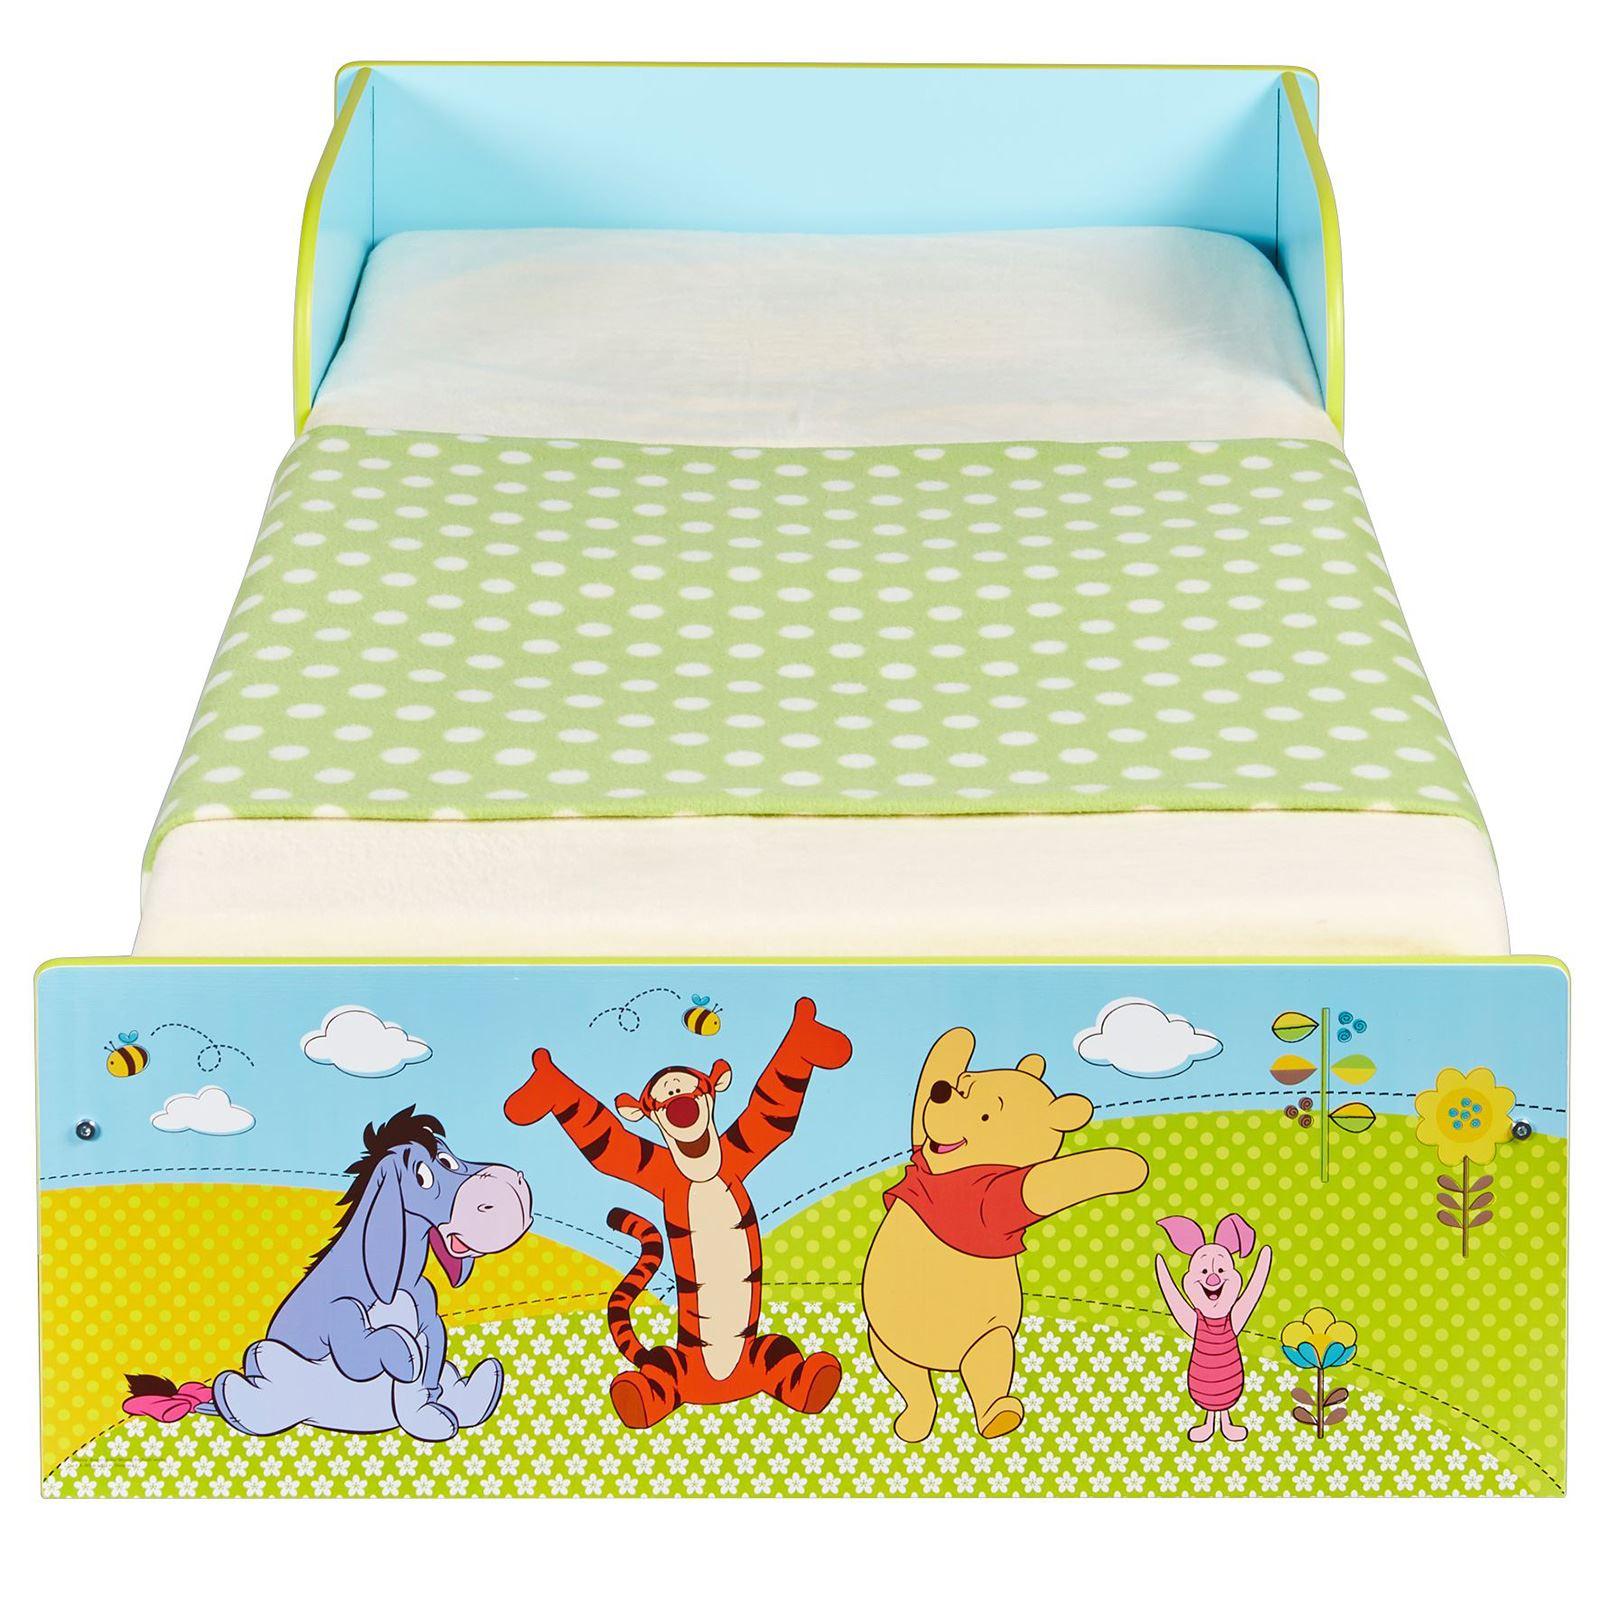 winnie the pooh kleinkind bett mit schutz seiten verkleidung offiziell neu ebay. Black Bedroom Furniture Sets. Home Design Ideas